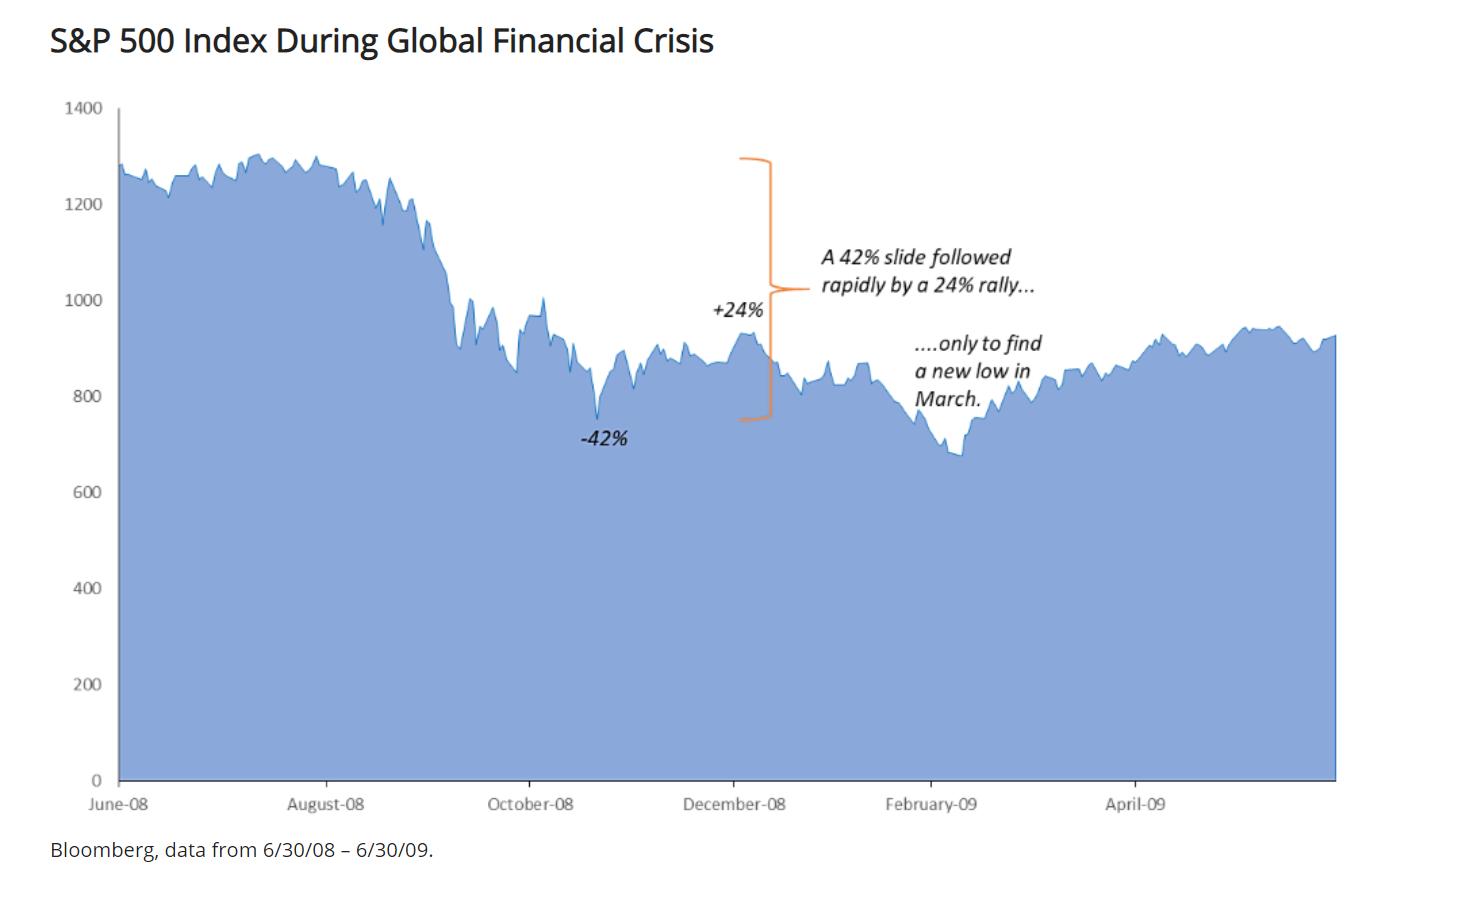 美资管巨头:美股反弹忽略了长期不利因素 两大先行指标发出谨慎信号